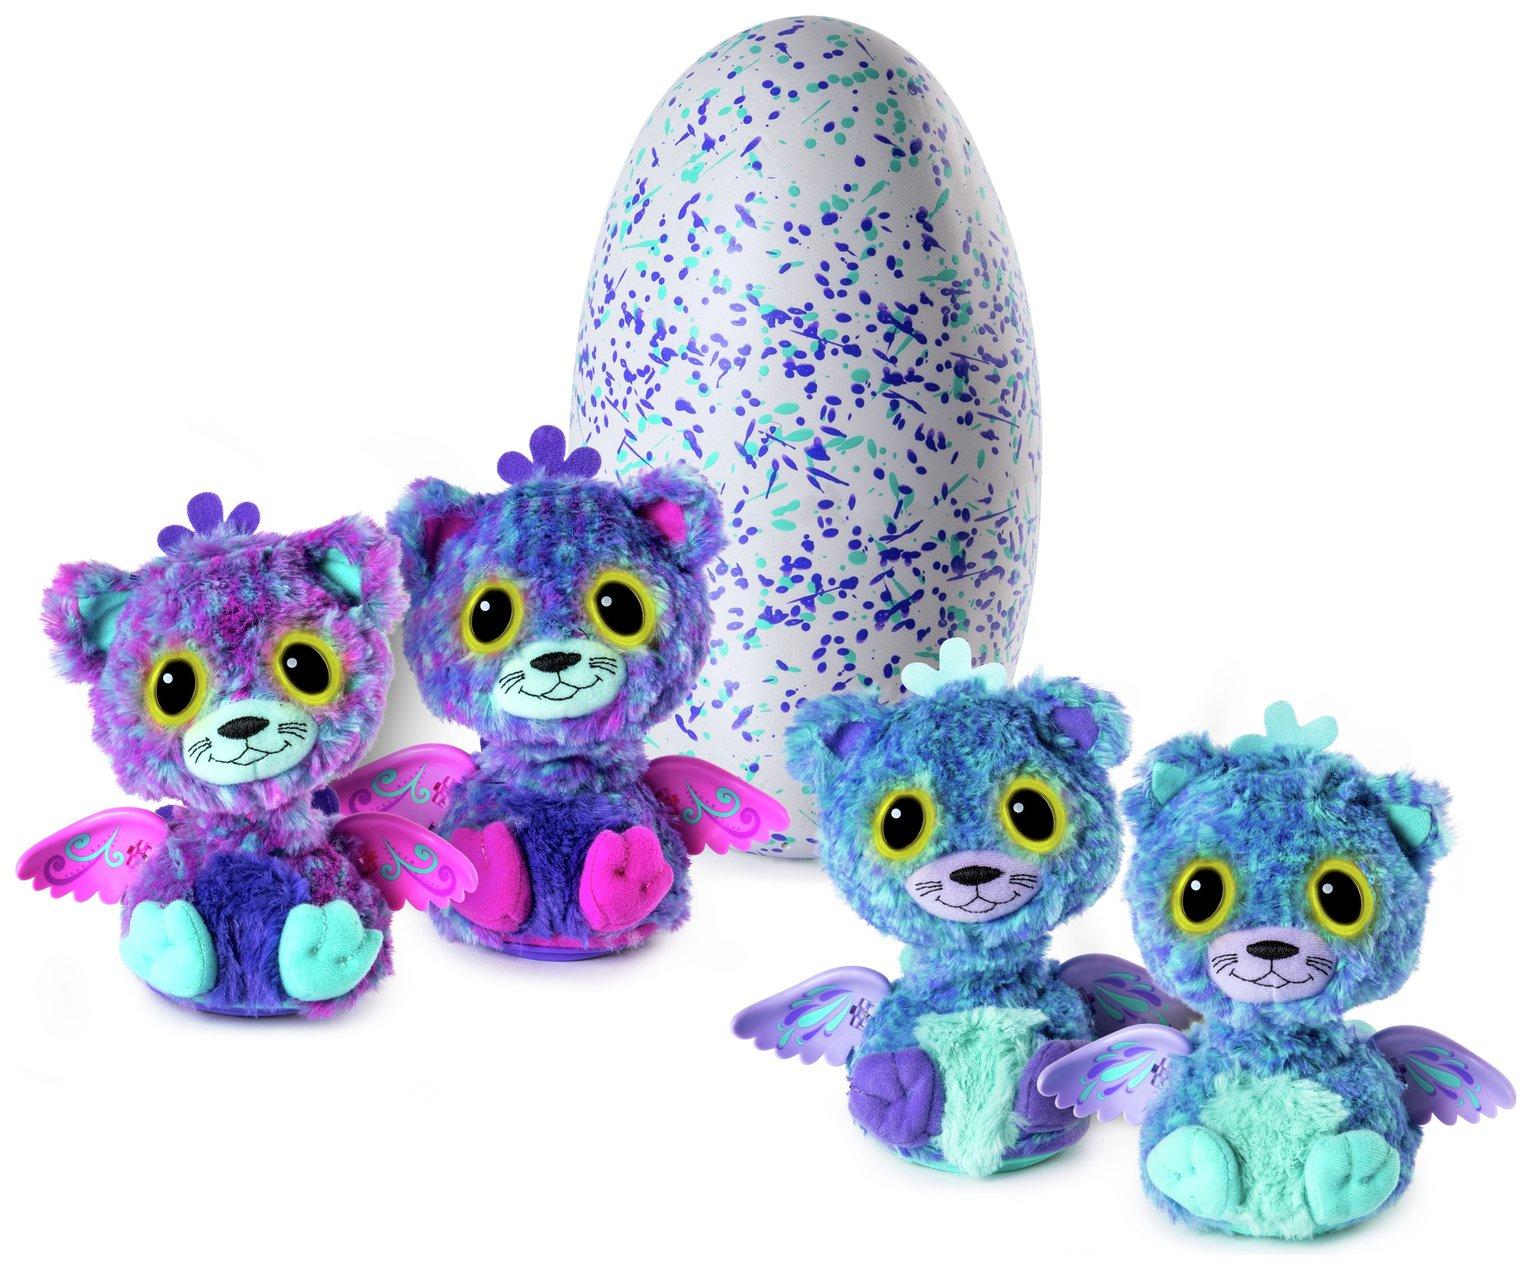 Image of Hatchimals Surprise Peacat